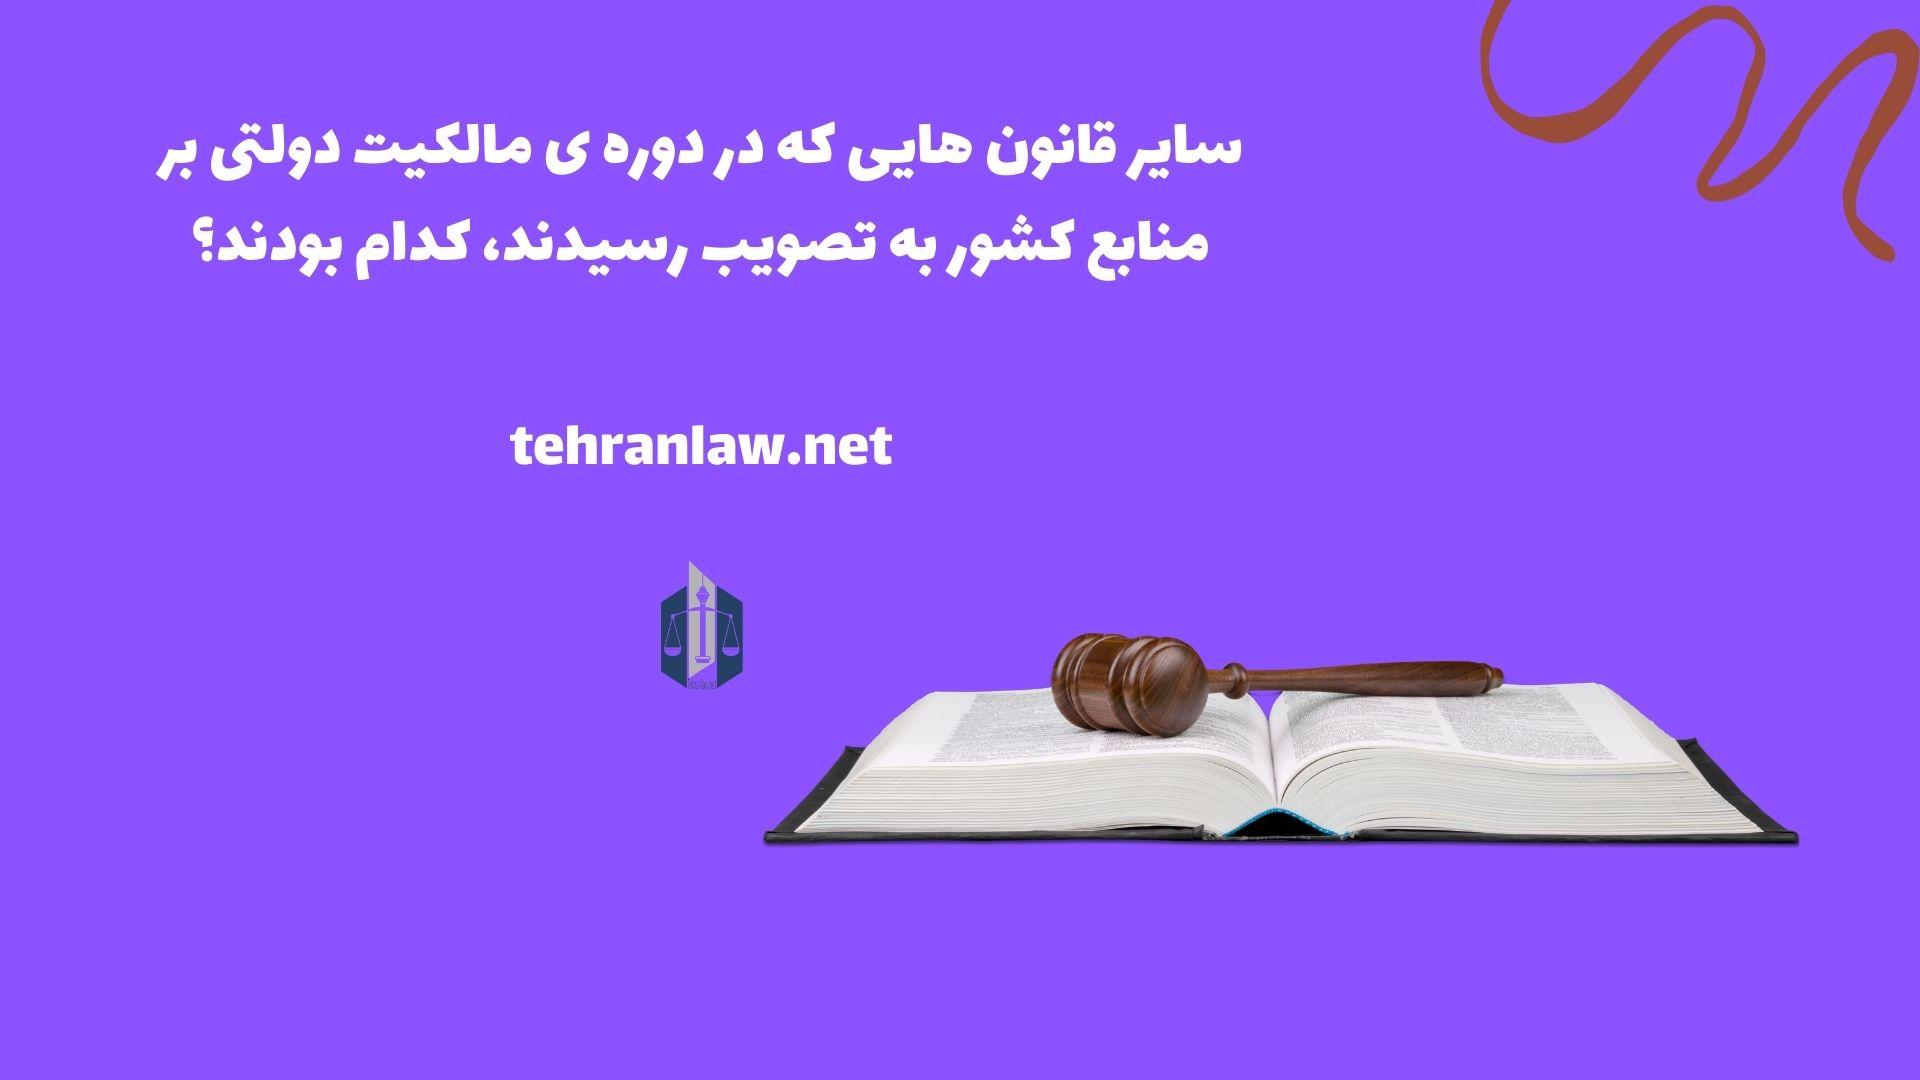 سایر قانون هایی که در دوره ی مالکیت دولتی بر منابع کشور به تصویب رسیدند، کدام بودند؟